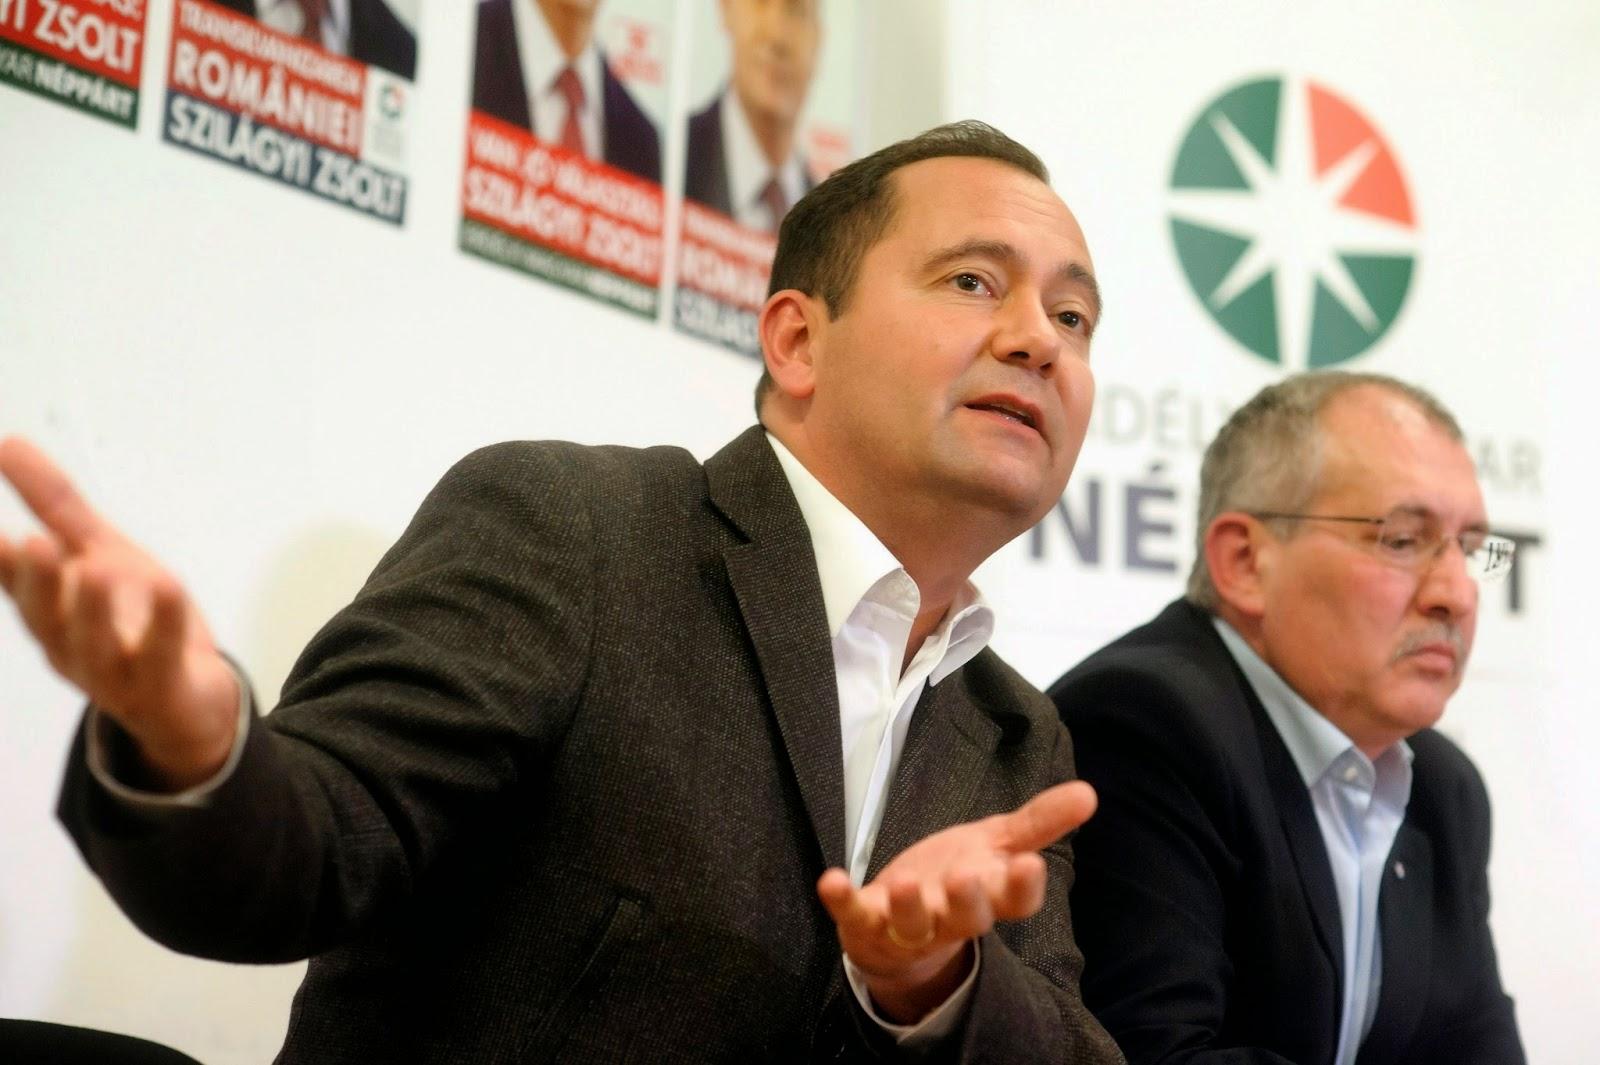 EMNP, Erdély, magyarság, politika, Szilágyi Zsolt, tisztújítás, Toró T. Tibor